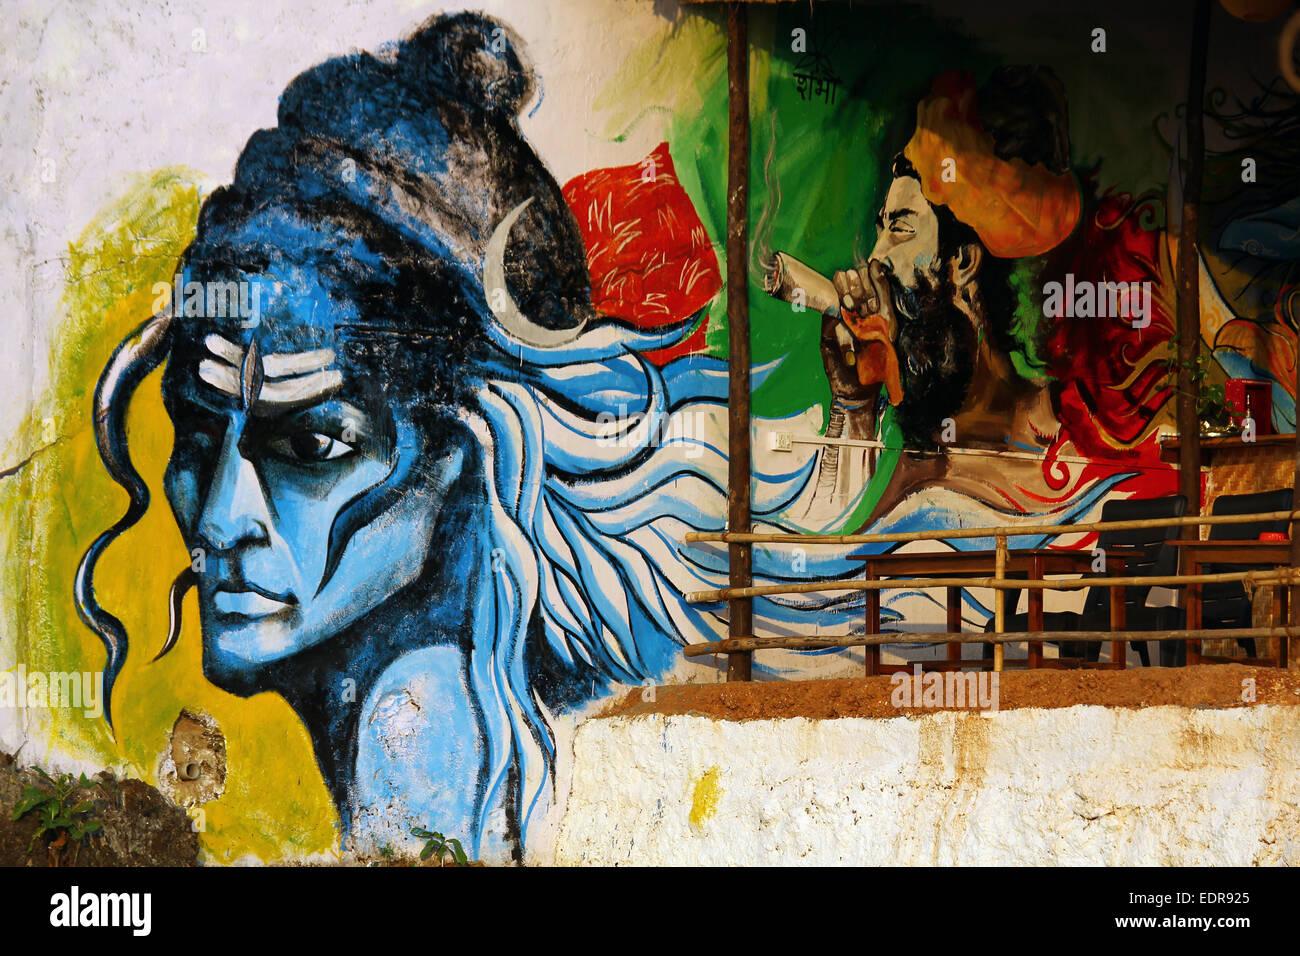 wall graffiti of hindu lord shiva and a man smoking marijuana - Stock Image